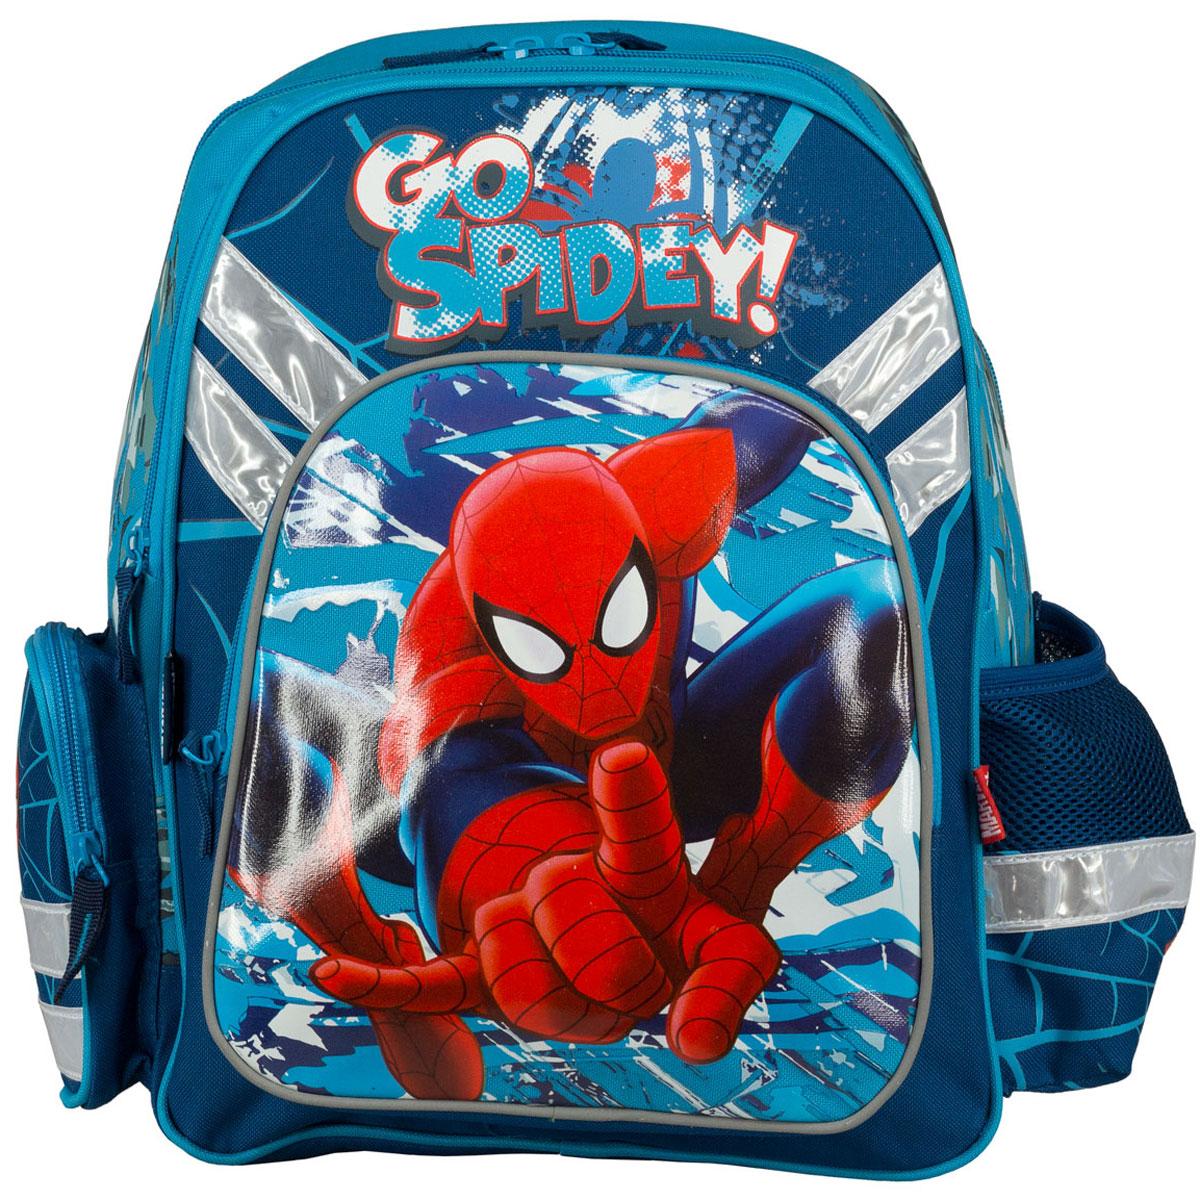 Рюкзак школьный Spider-Man, цвет: темно-синий, голубой. SMCB-MT1-9621SMCB-MT1-9621Рюкзак школьный Spider-Man обязательно понравится вашему школьнику. Выполнен из прочных и высококачественных материалов, дополнен изображением Человека-паука. Содержит два вместительных отделения, закрывающиеся на застежки-молнии. В большом отделении находятся две перегородки для тетрадей или учебников. Дно рюкзака можно сделать жестким, разложив специальную панель с пластиковой вставкой, что повышает сохранность содержимого рюкзака и способствует правильному распределению нагрузки. Лицевая сторона оснащена накладным карманом на молнии. По бокам расположены два накладных кармана: на застежке- молнии и открытый, стянутый сверху резинкой. Специально разработанная архитектура спинки со стабилизирующими набивными элементами повторяет естественный изгиб позвоночника. Набивные элементы обеспечивают вентиляцию спины ребенка. Плечевые лямки анатомической формы равномерно распределяют нагрузку на плечевую и воротниковую зоны. Конструкция пряжки лямок позволяет...